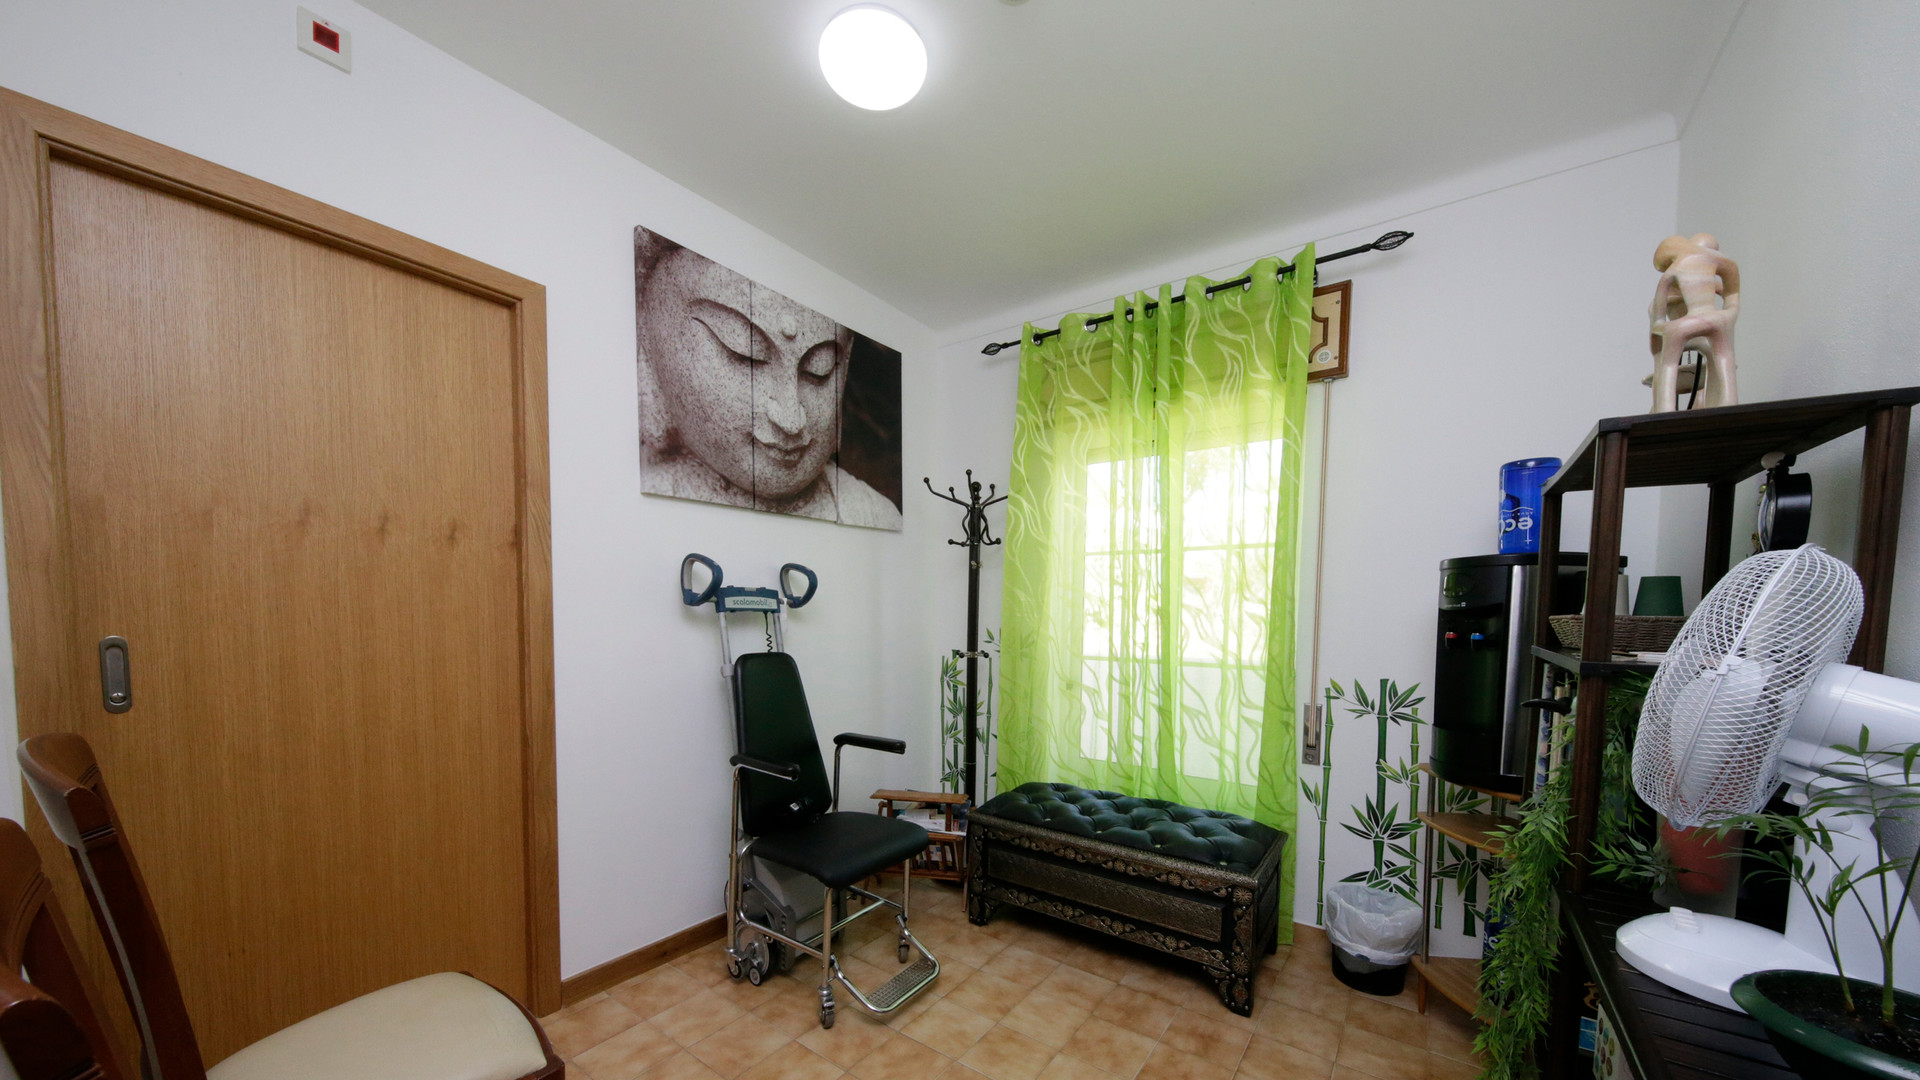 spiralis-health-concept-sala-de-espera.j